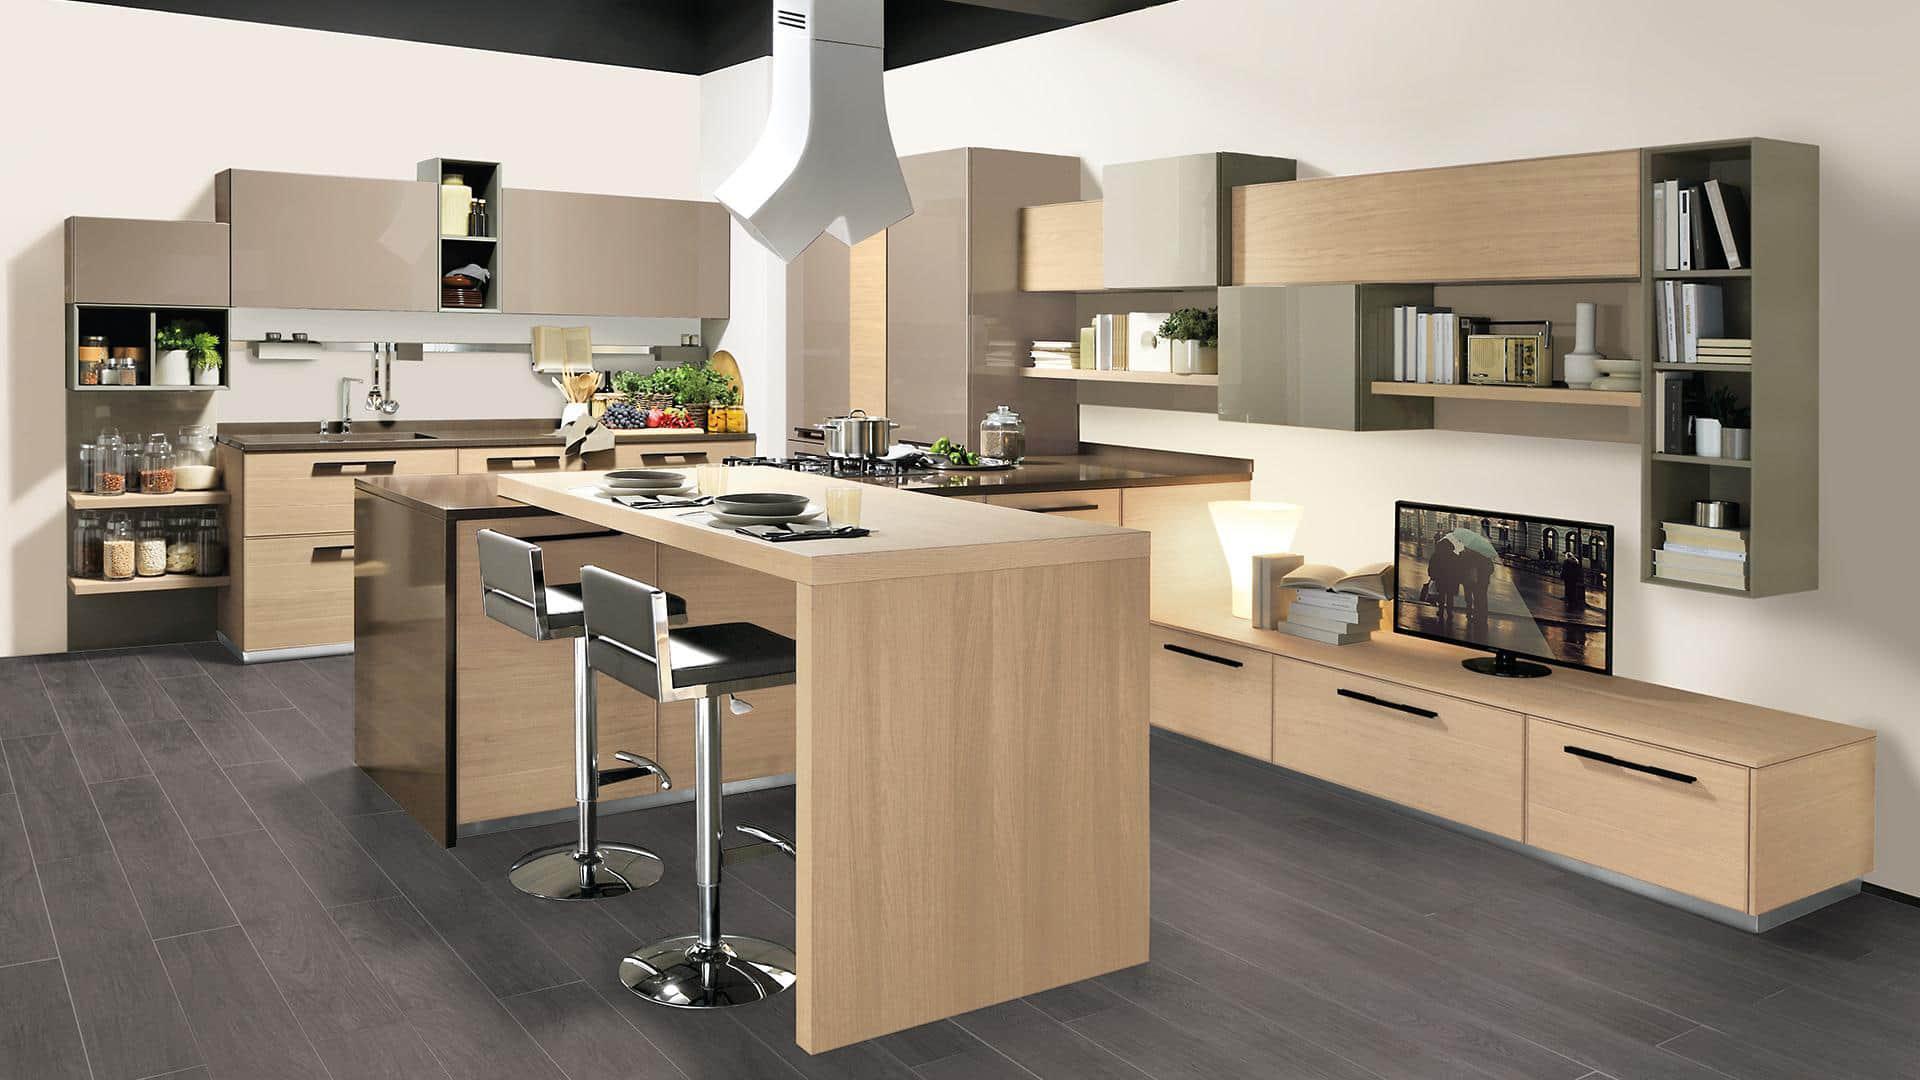 Cucina Moderna Open Space Con Penisola Arredamenti Meneghello